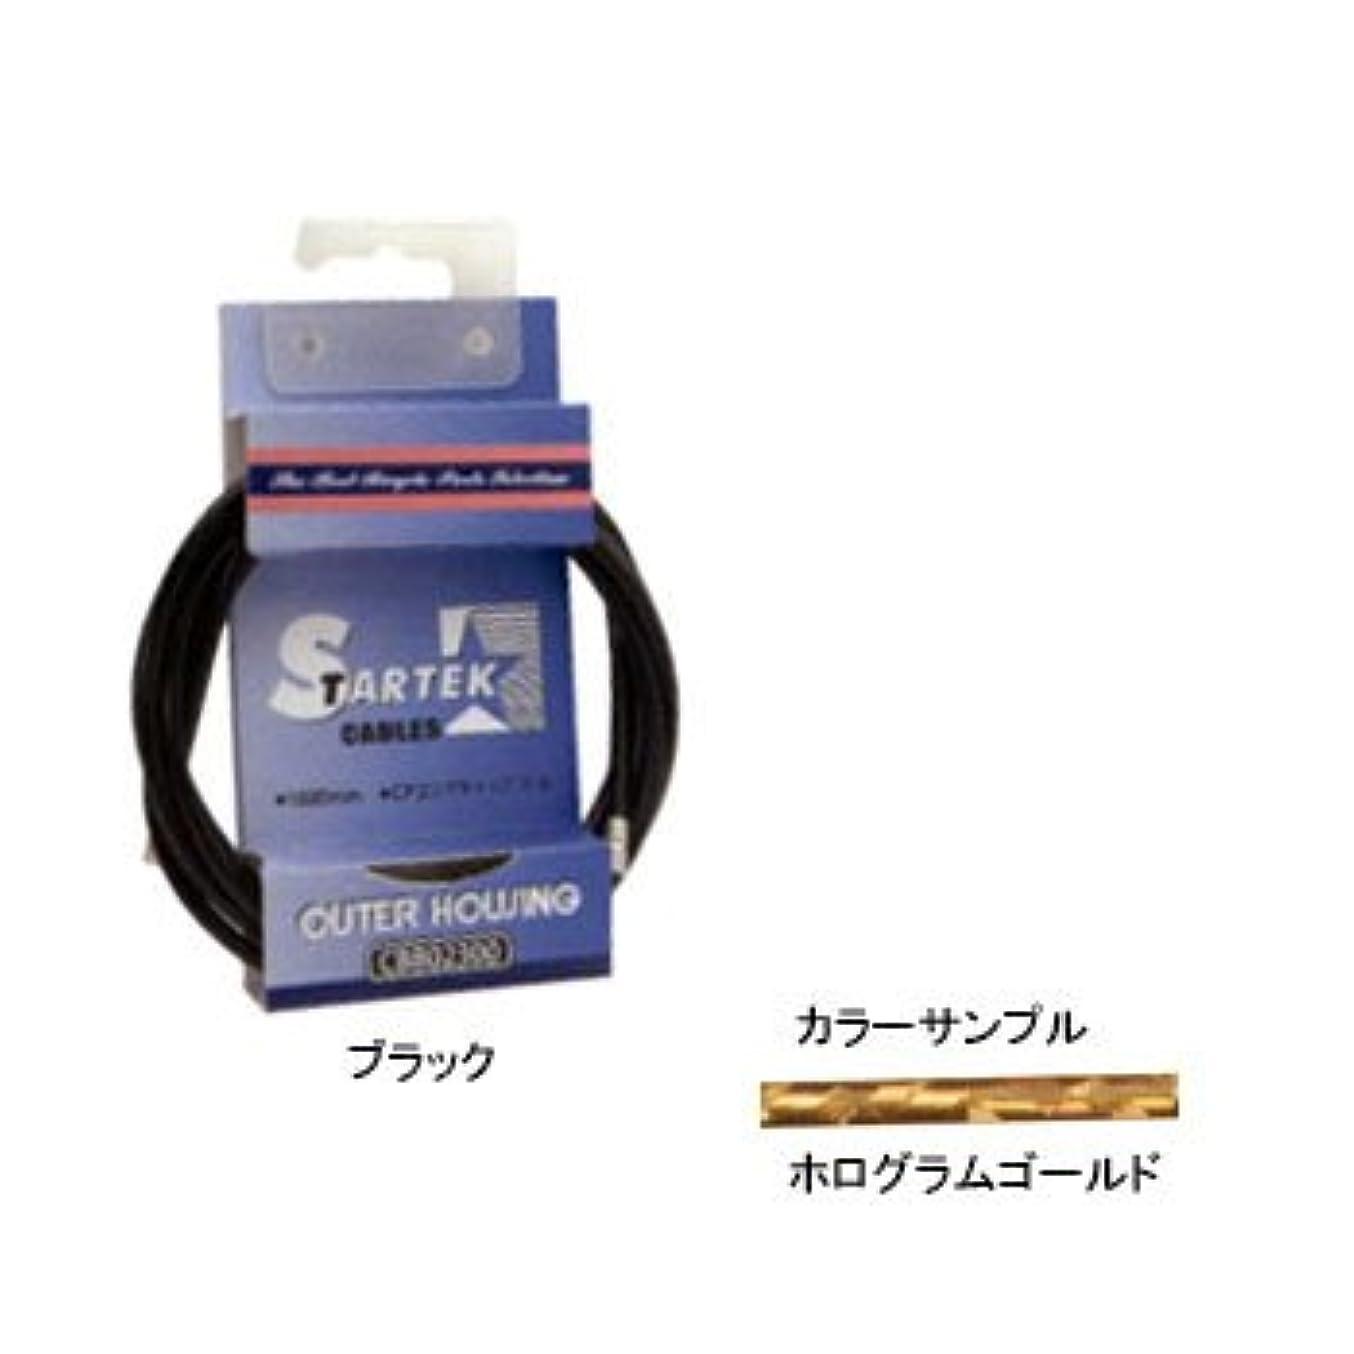 単独でティーム請願者GIZA(ギザ) STARTEK ブレーキ アウター ケーブル 1.8m ホログラムゴールド CBB02311